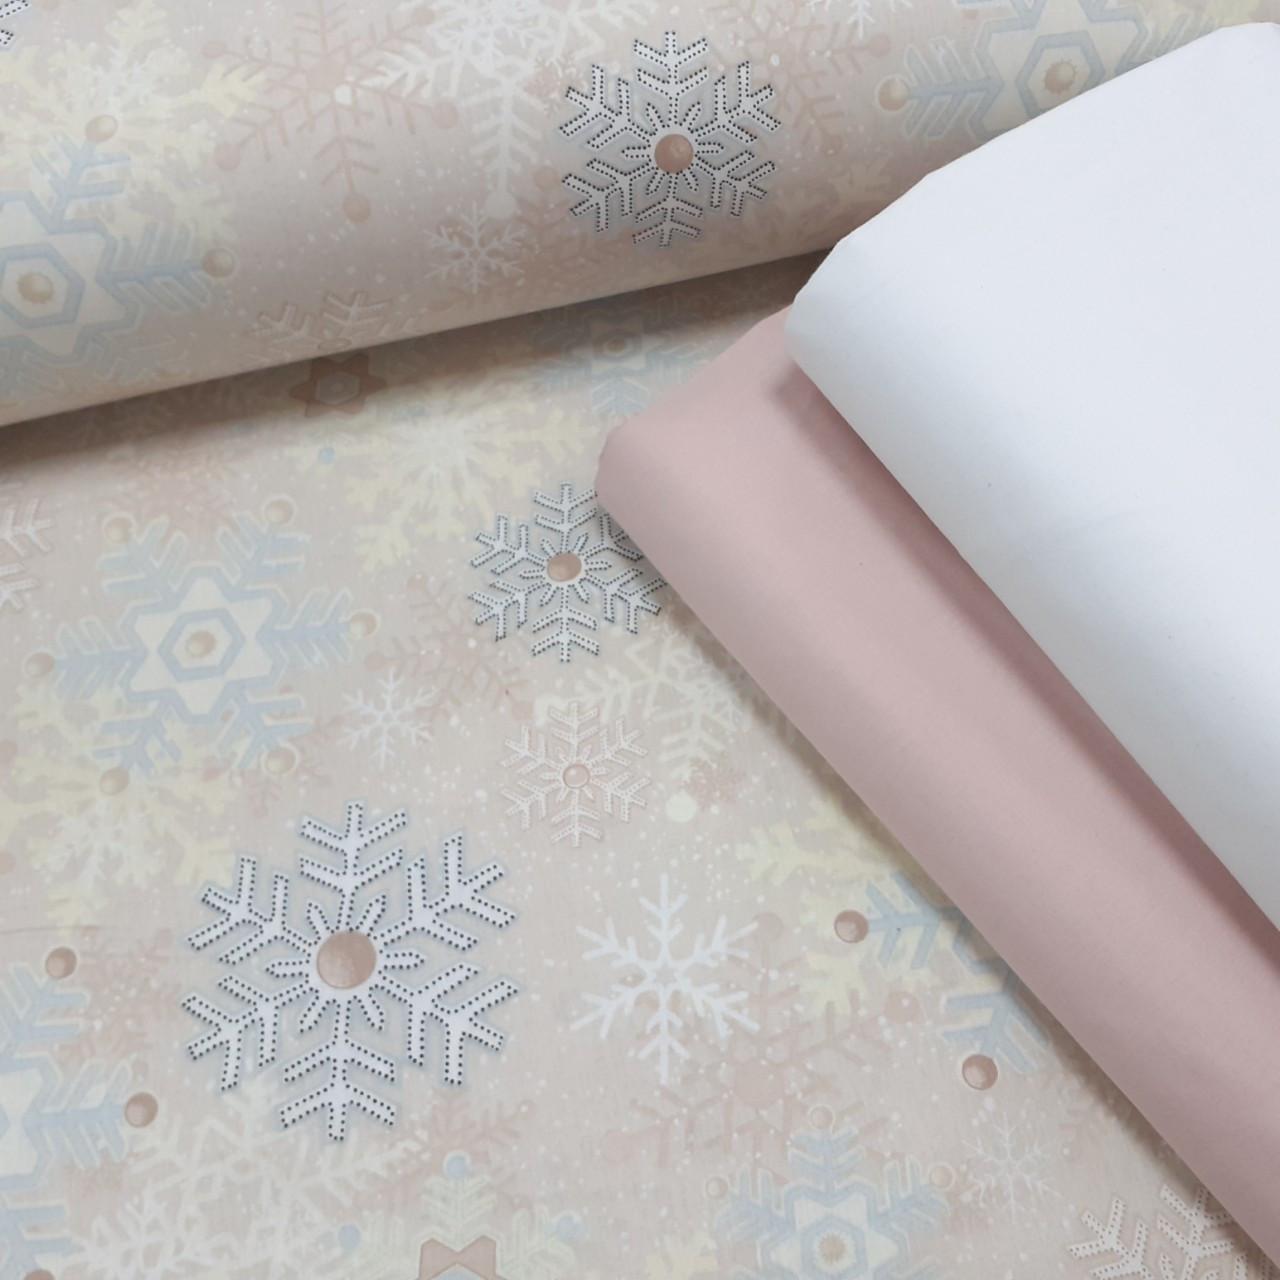 Хлопковая ткань (ТУРЦИЯ шир. 2,4 м) голубые и серые снежинки на светло-бежевом